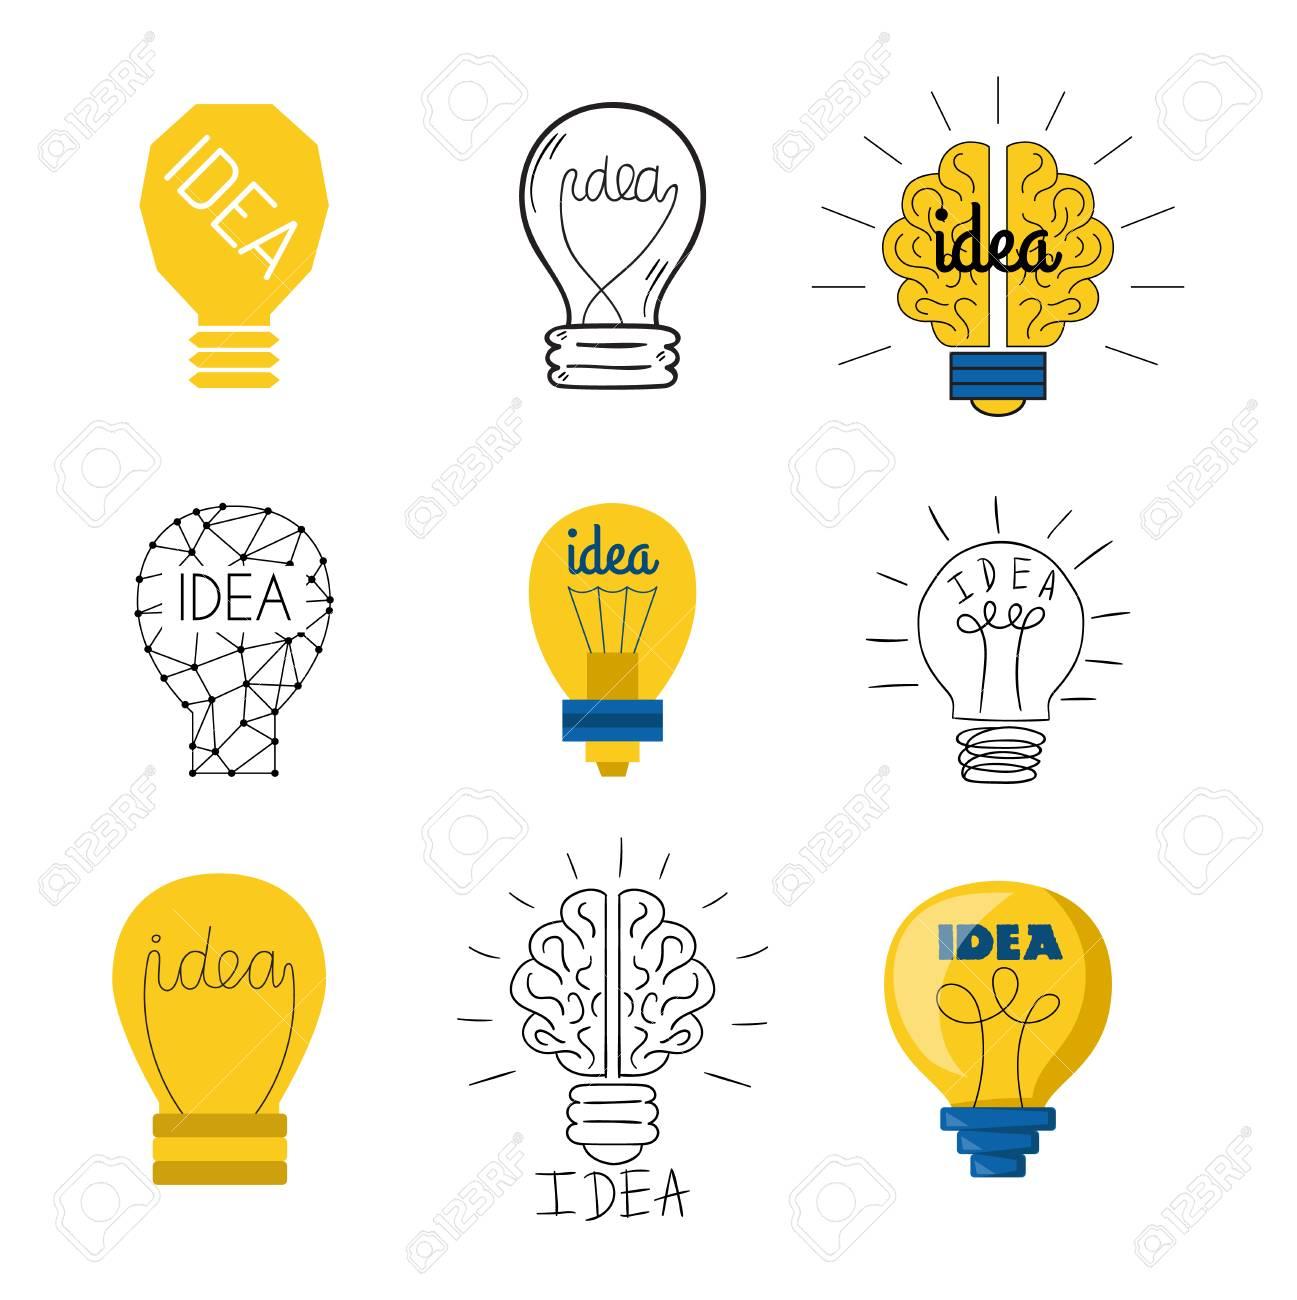 Gut Standard Bild   Zeichnung Idee Glühbirne Konzept Kreative Gestaltung.  Vector Idea Lampe Innovation Elektrische Kreativität Inspiration Konzept.  Helle Idee ...